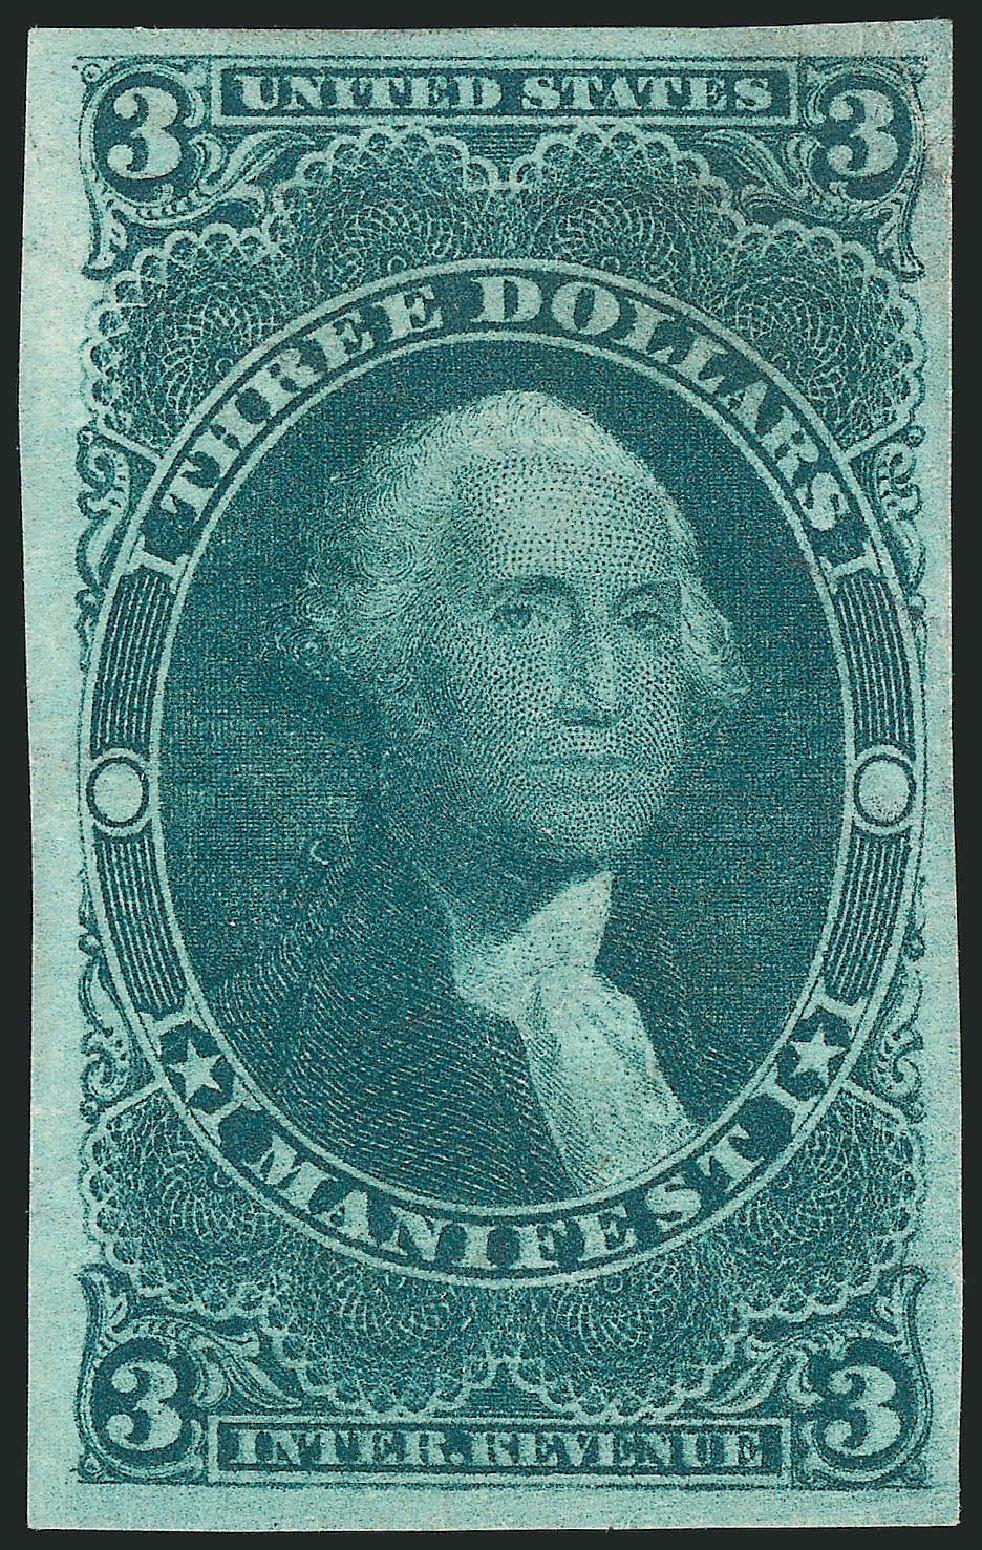 US Stamps Values Scott Catalog R86 - 1862 US$3.00 Revenue Manifest. Robert Siegel Auction Galleries, Dec 2014, Sale 1089, Lot 249